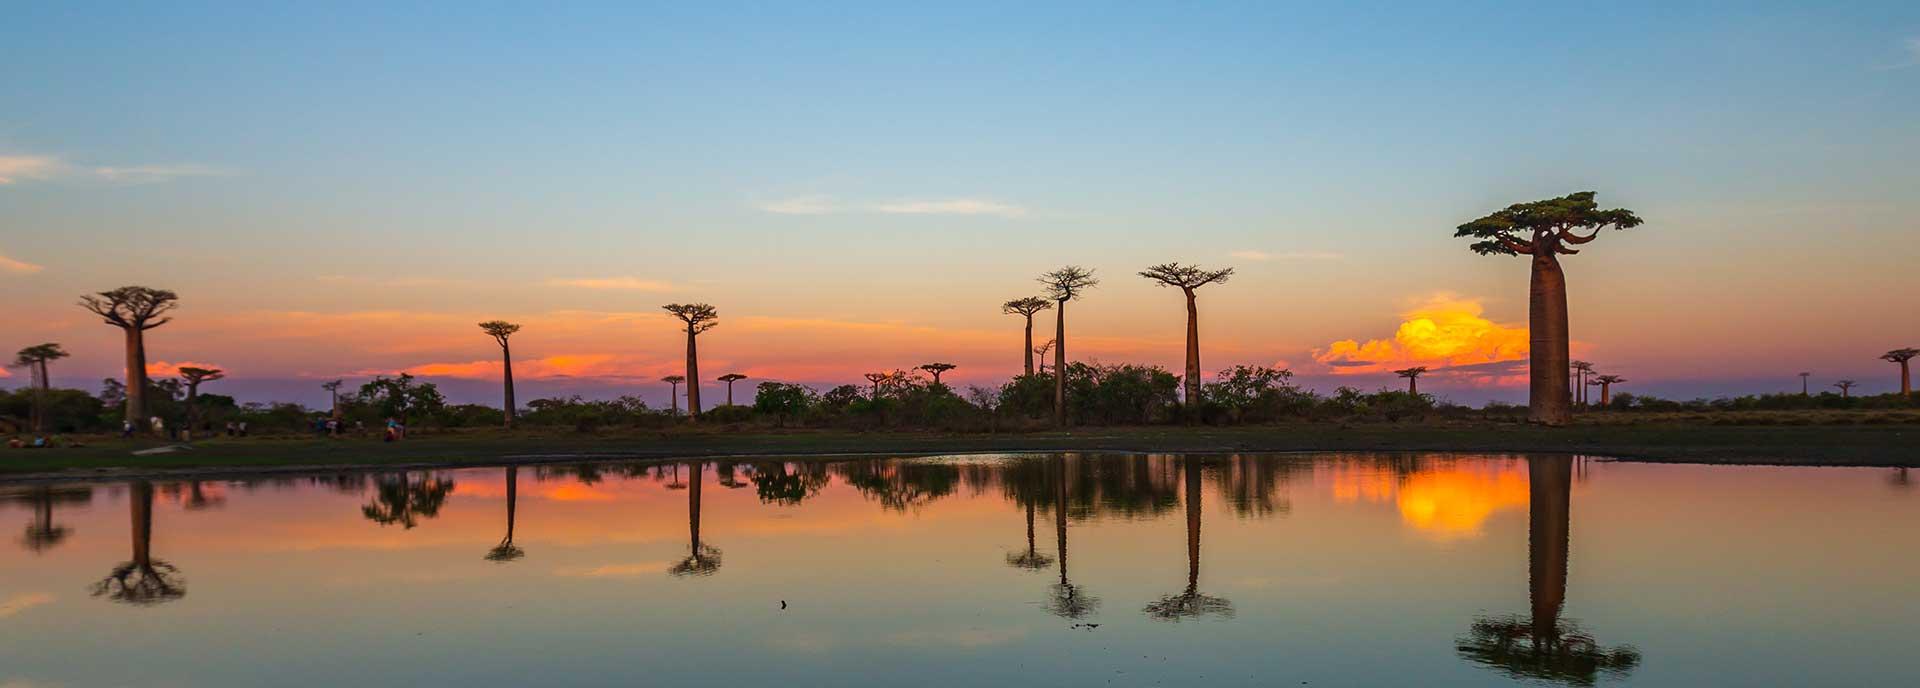 Pacotes de viagens Madagascar